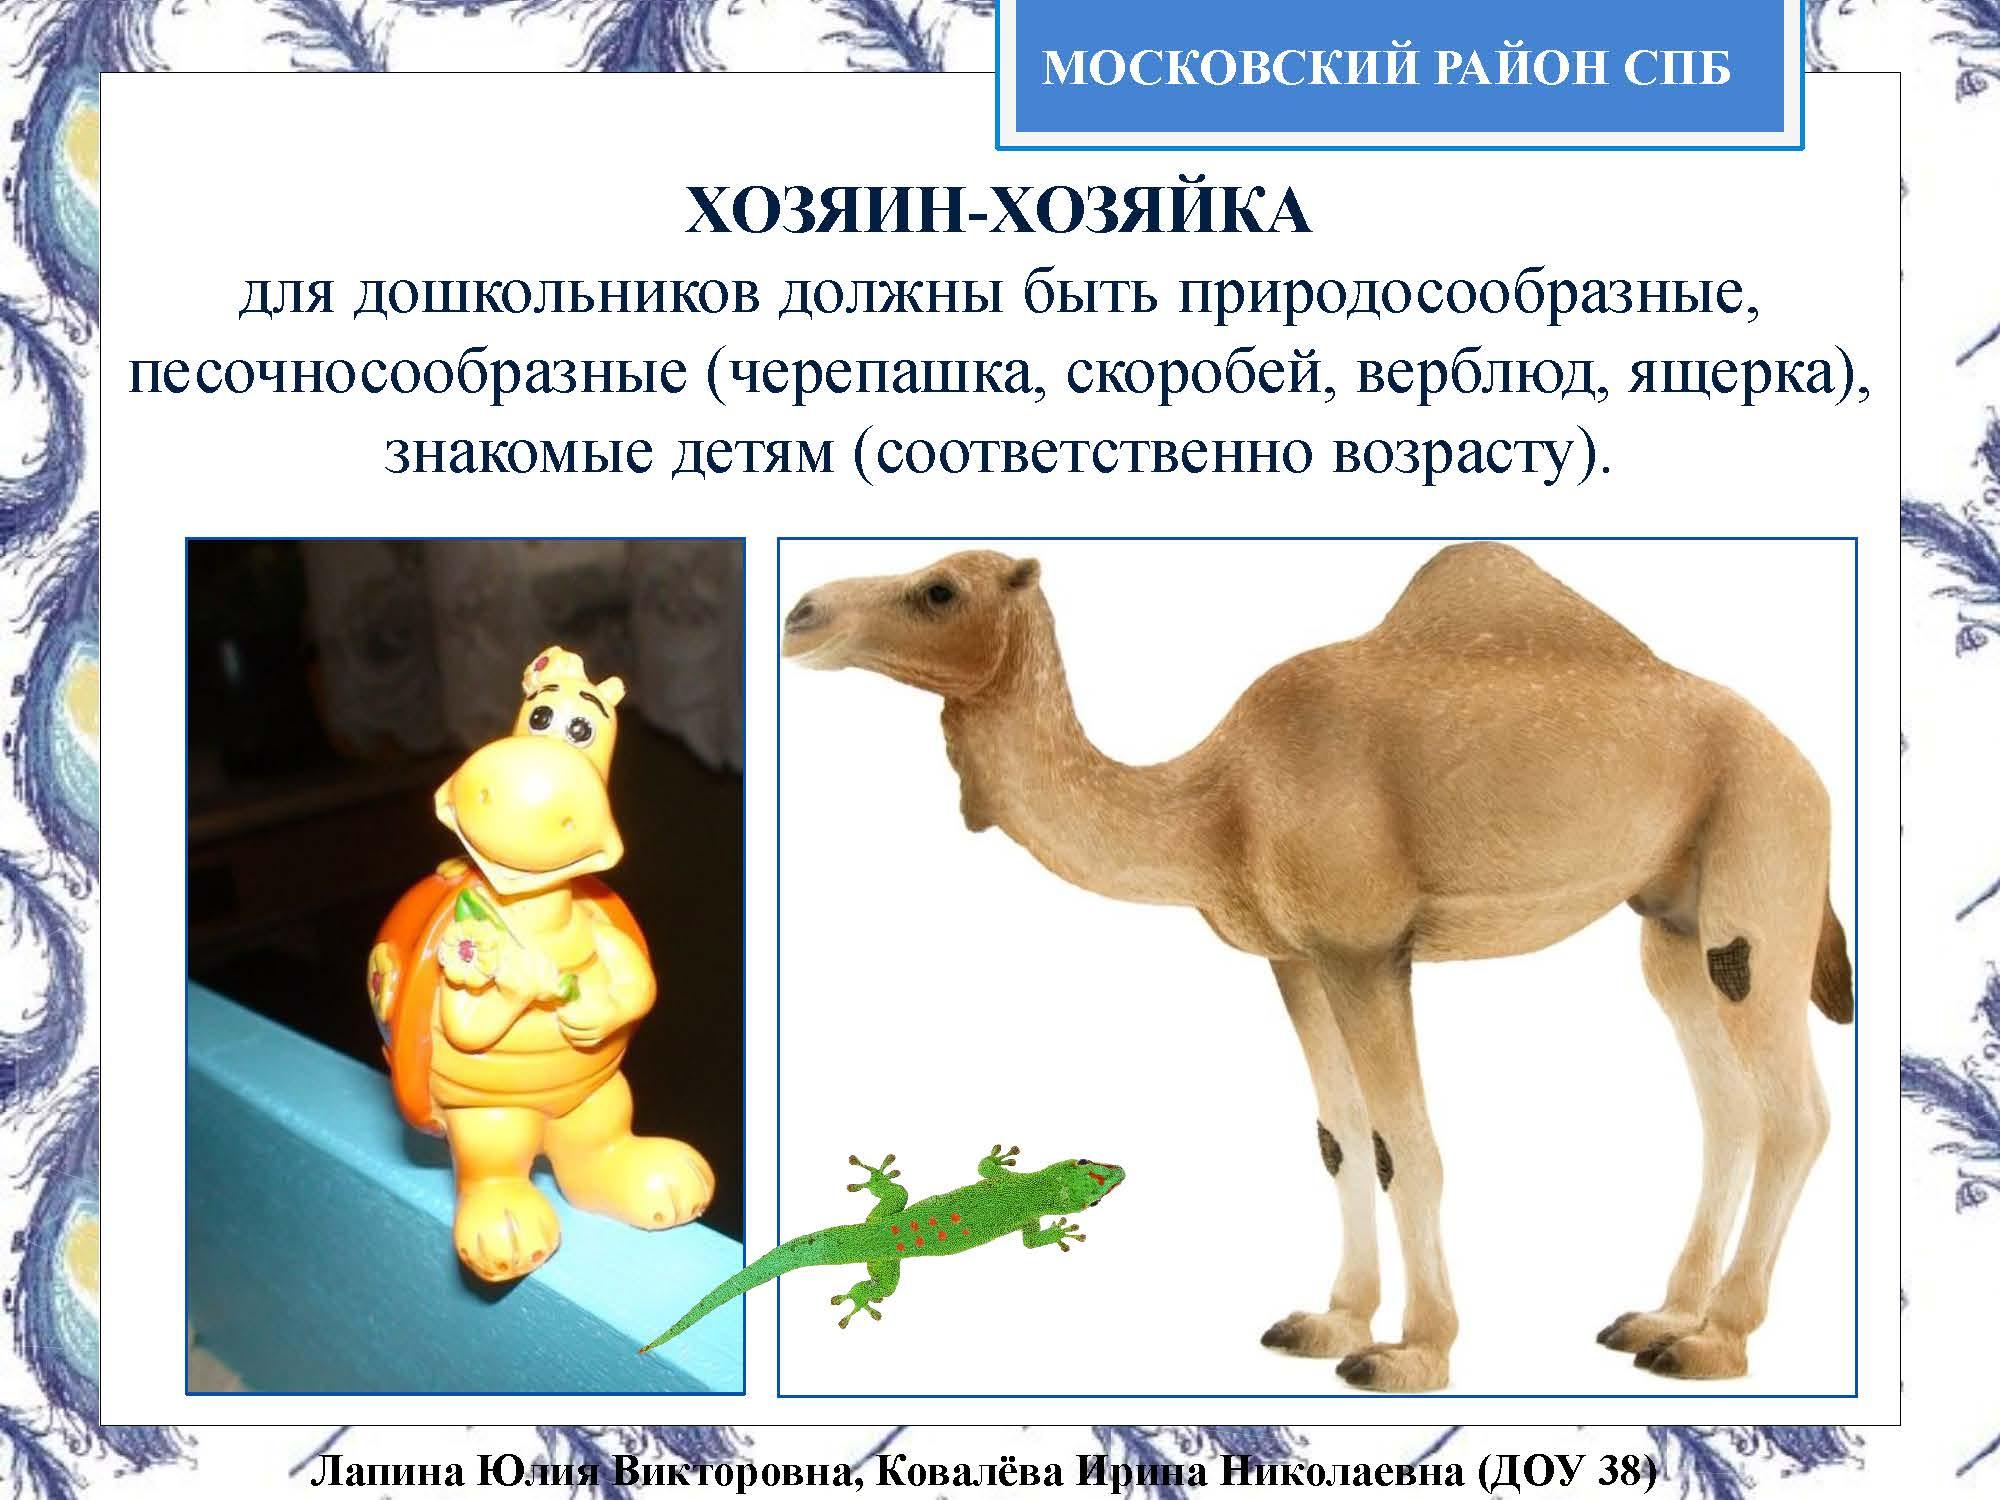 Секция 8. ДОУ 38, Московский район_Страница_18